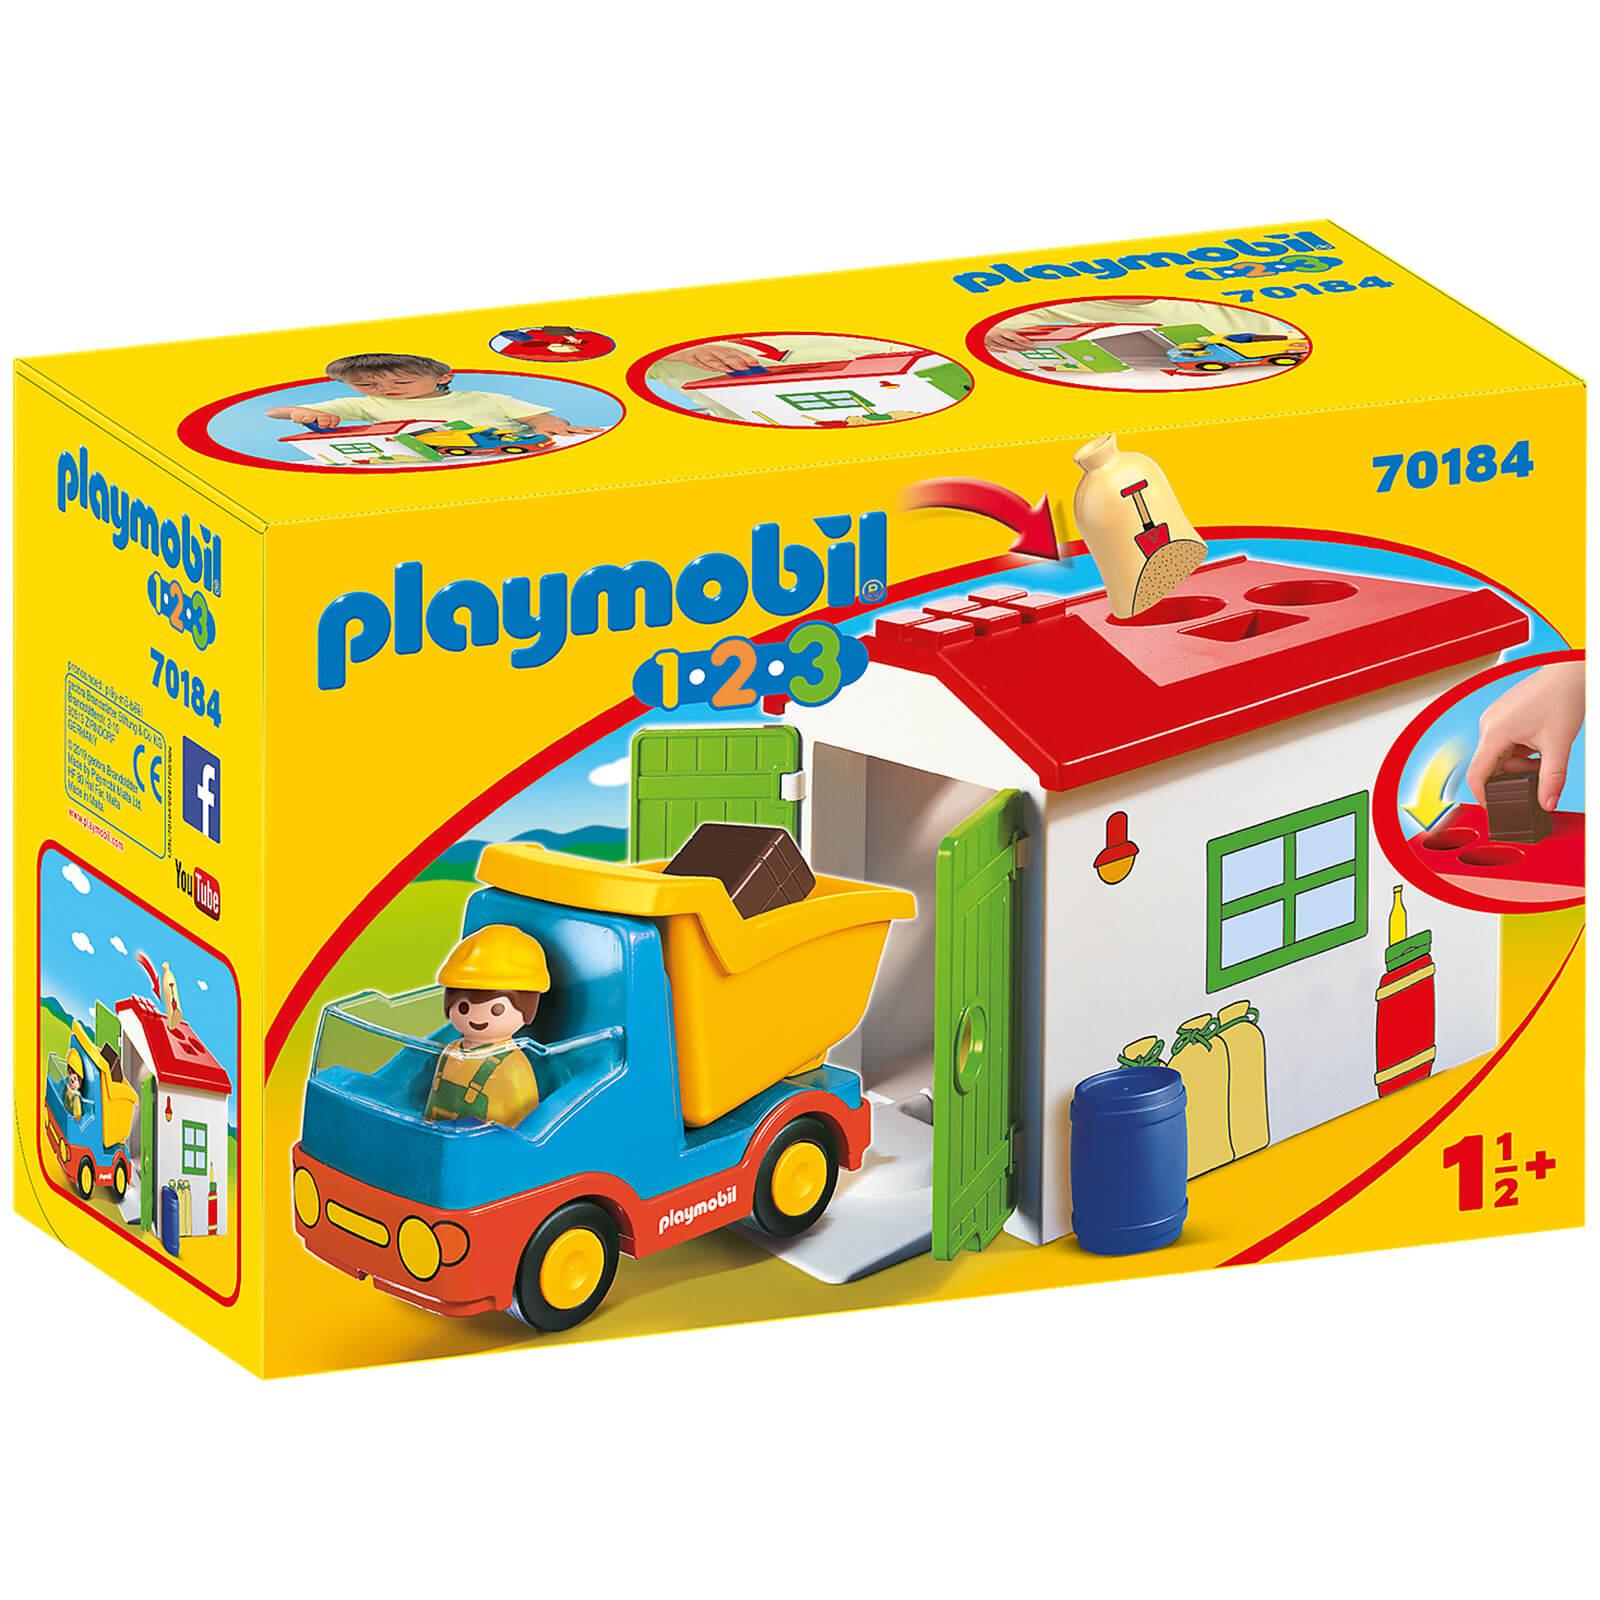 Image of Playmobil 1.2.3 Garbage Truck